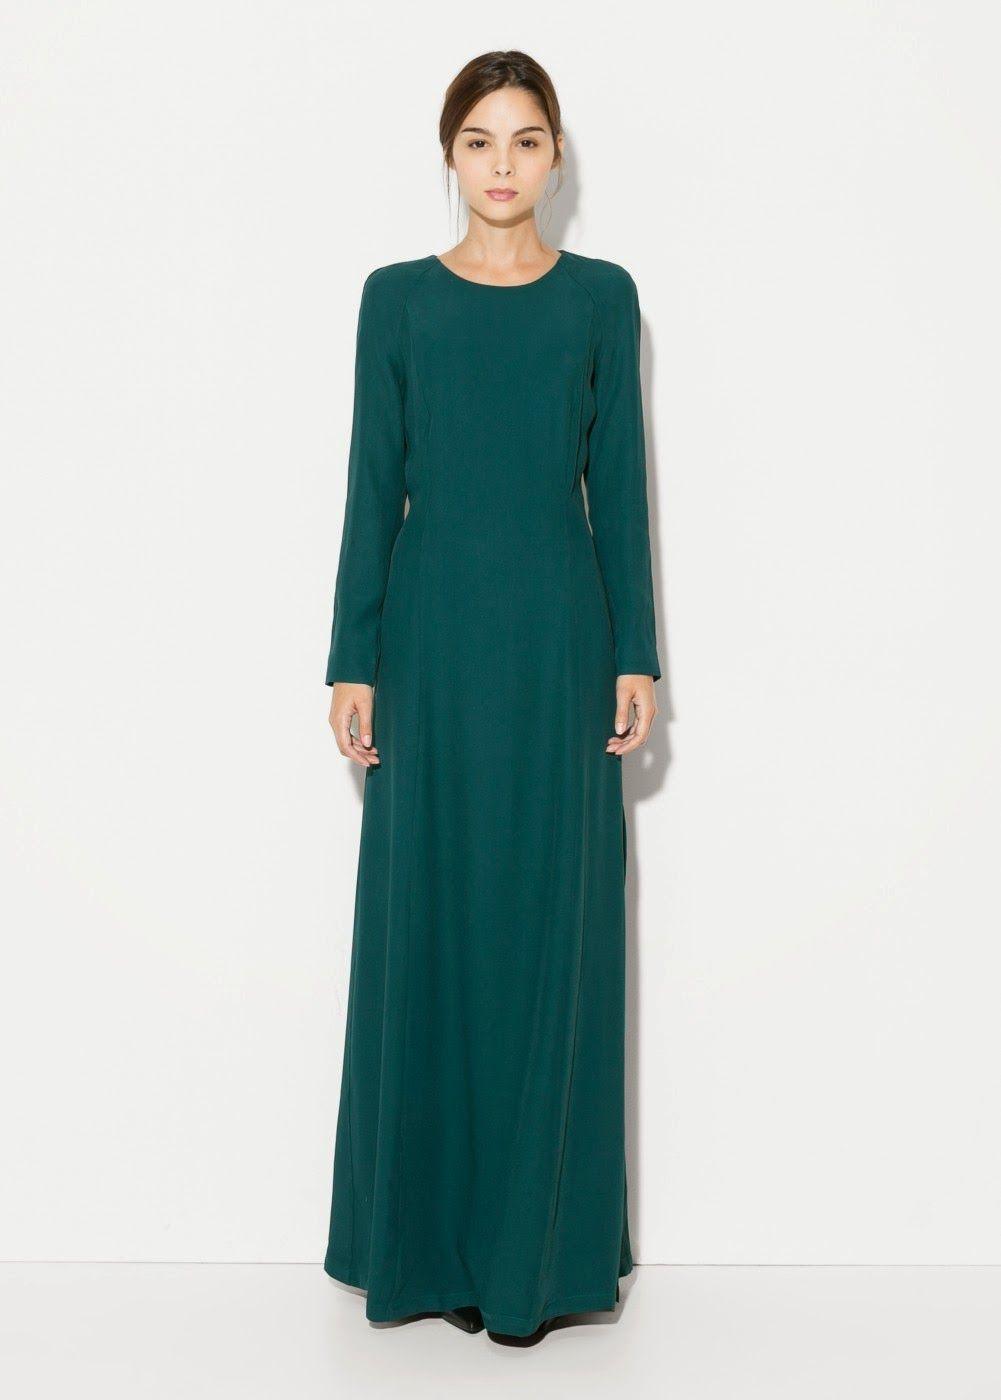 Inspiración. vestidos de fiesta. | Cuidar de tu belleza es facilisimo.com